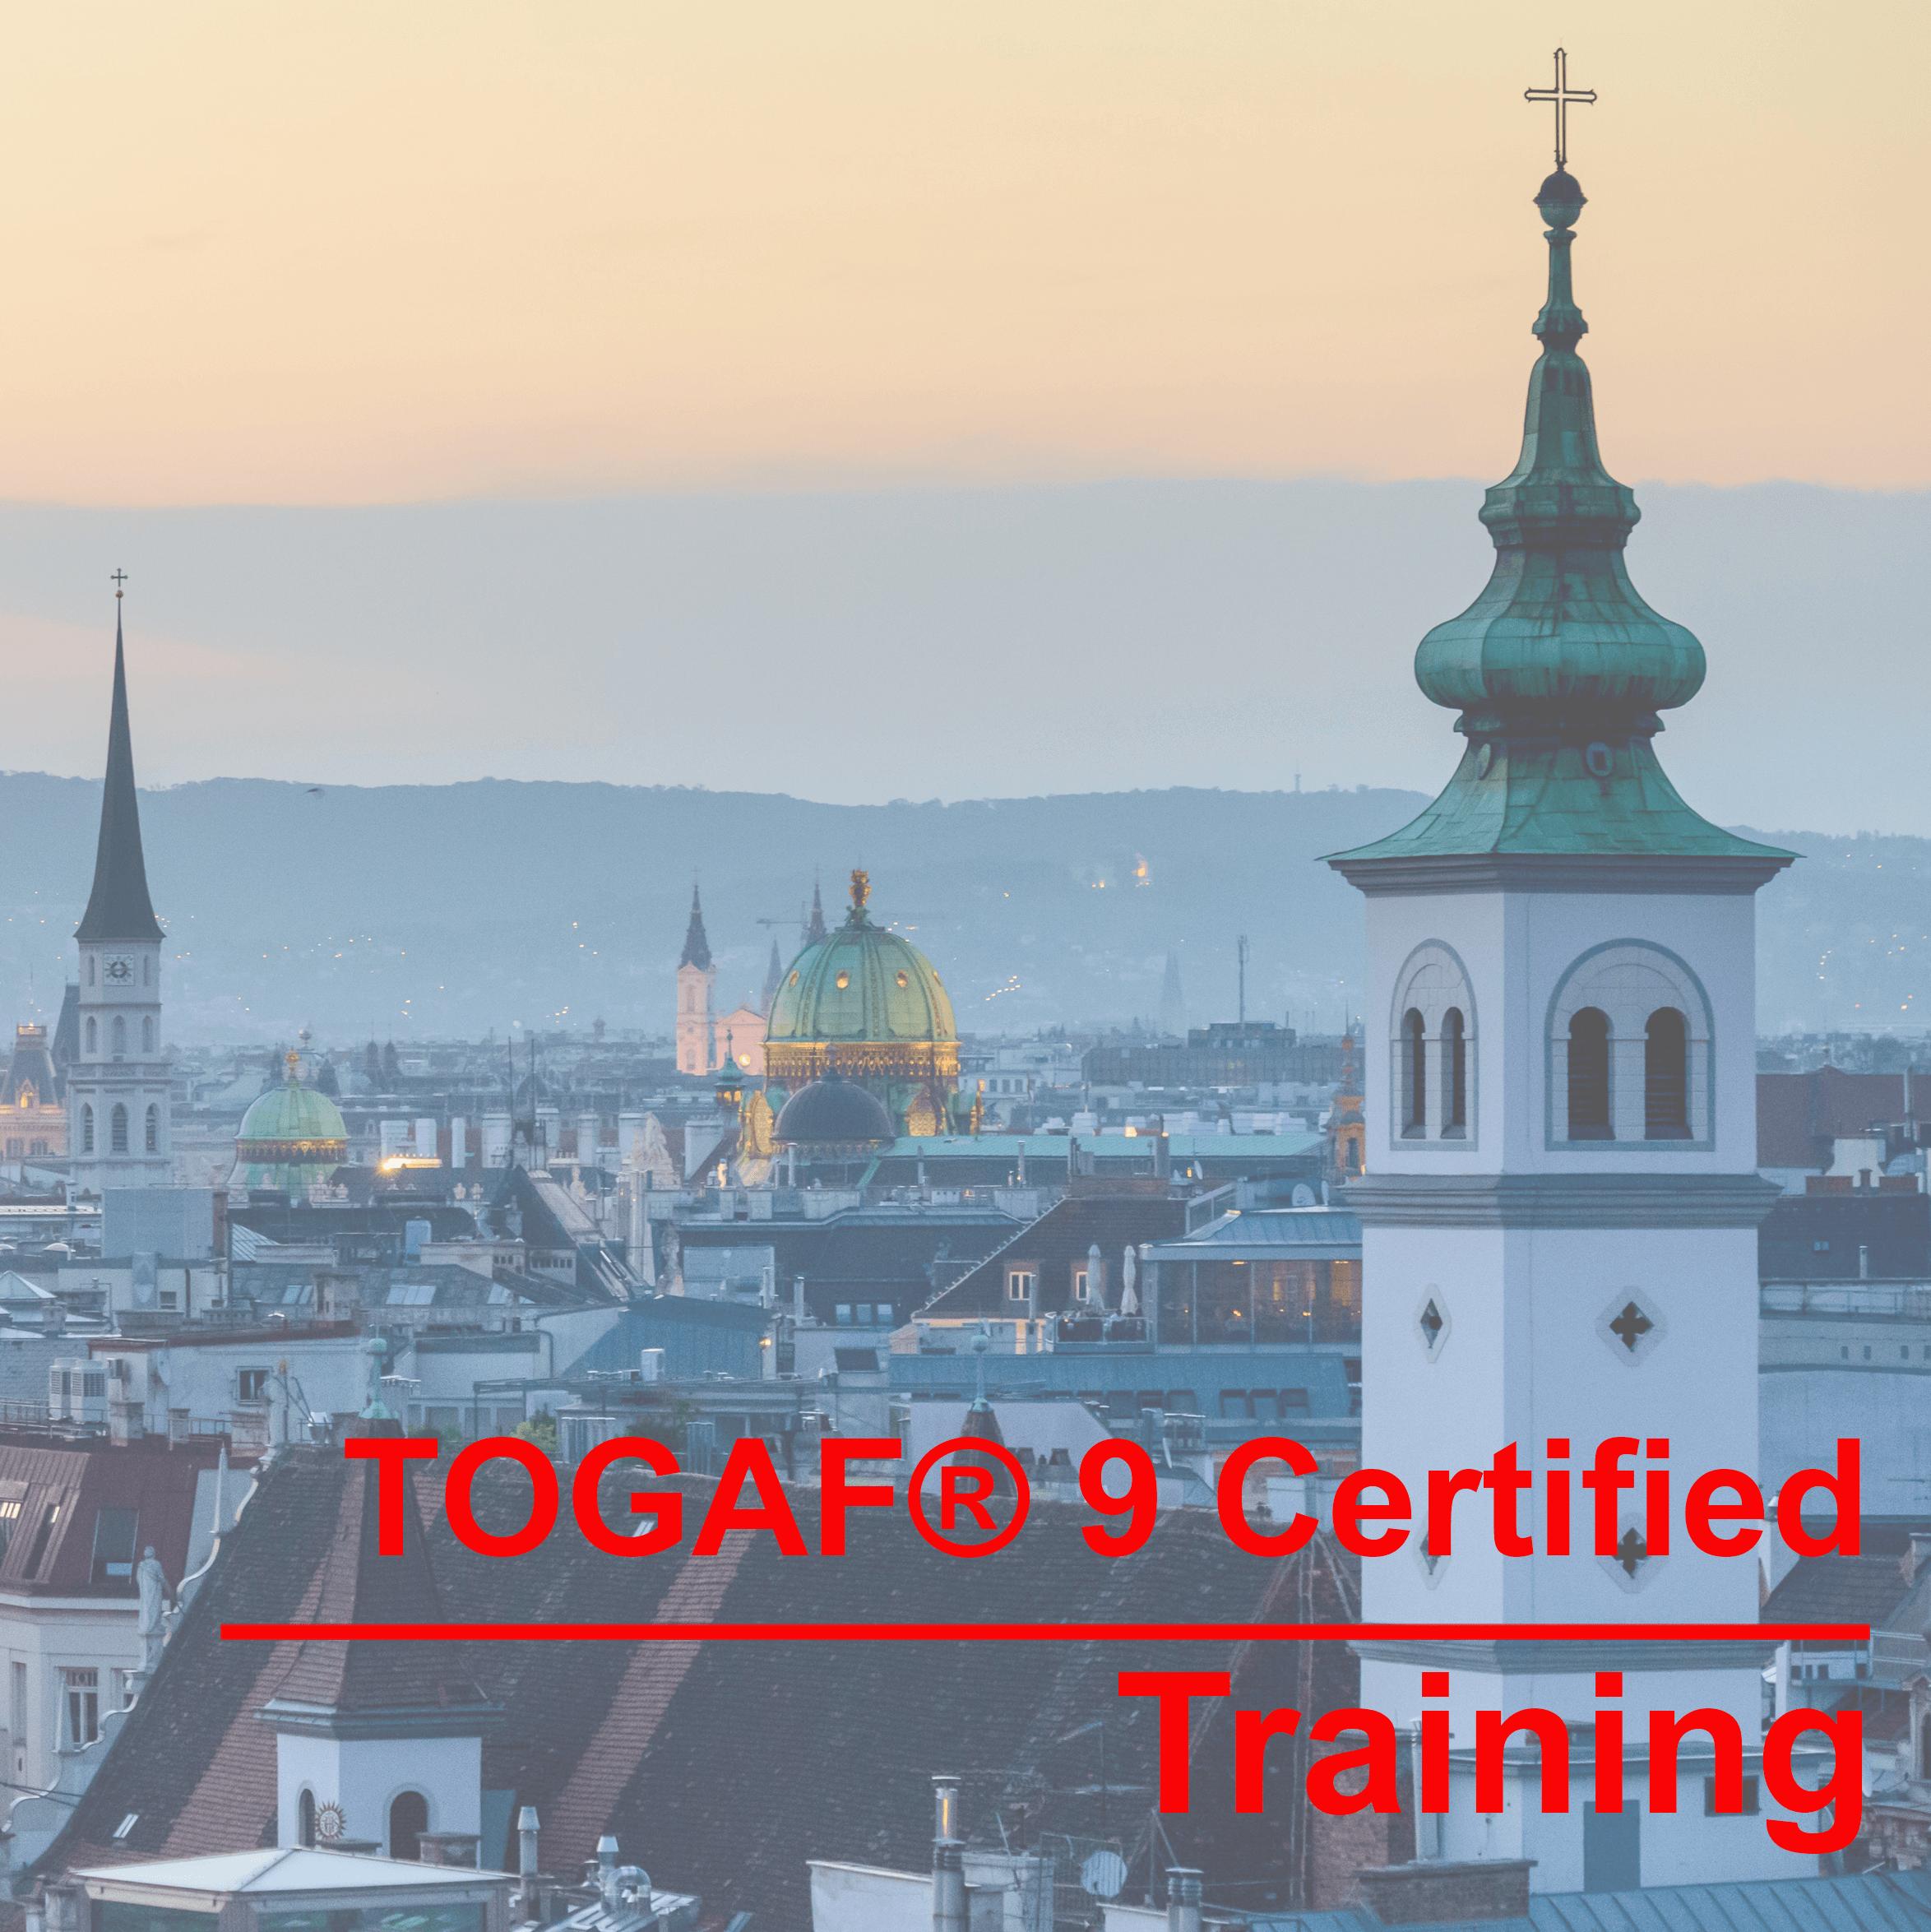 TOGAF® 9 Certified Training in Zürich Das am weitesten verbreitete Enterprise Architecture Framework der Welt. Wir bereiten Sie in 4 Tagen auf die Zertifizierung vor!